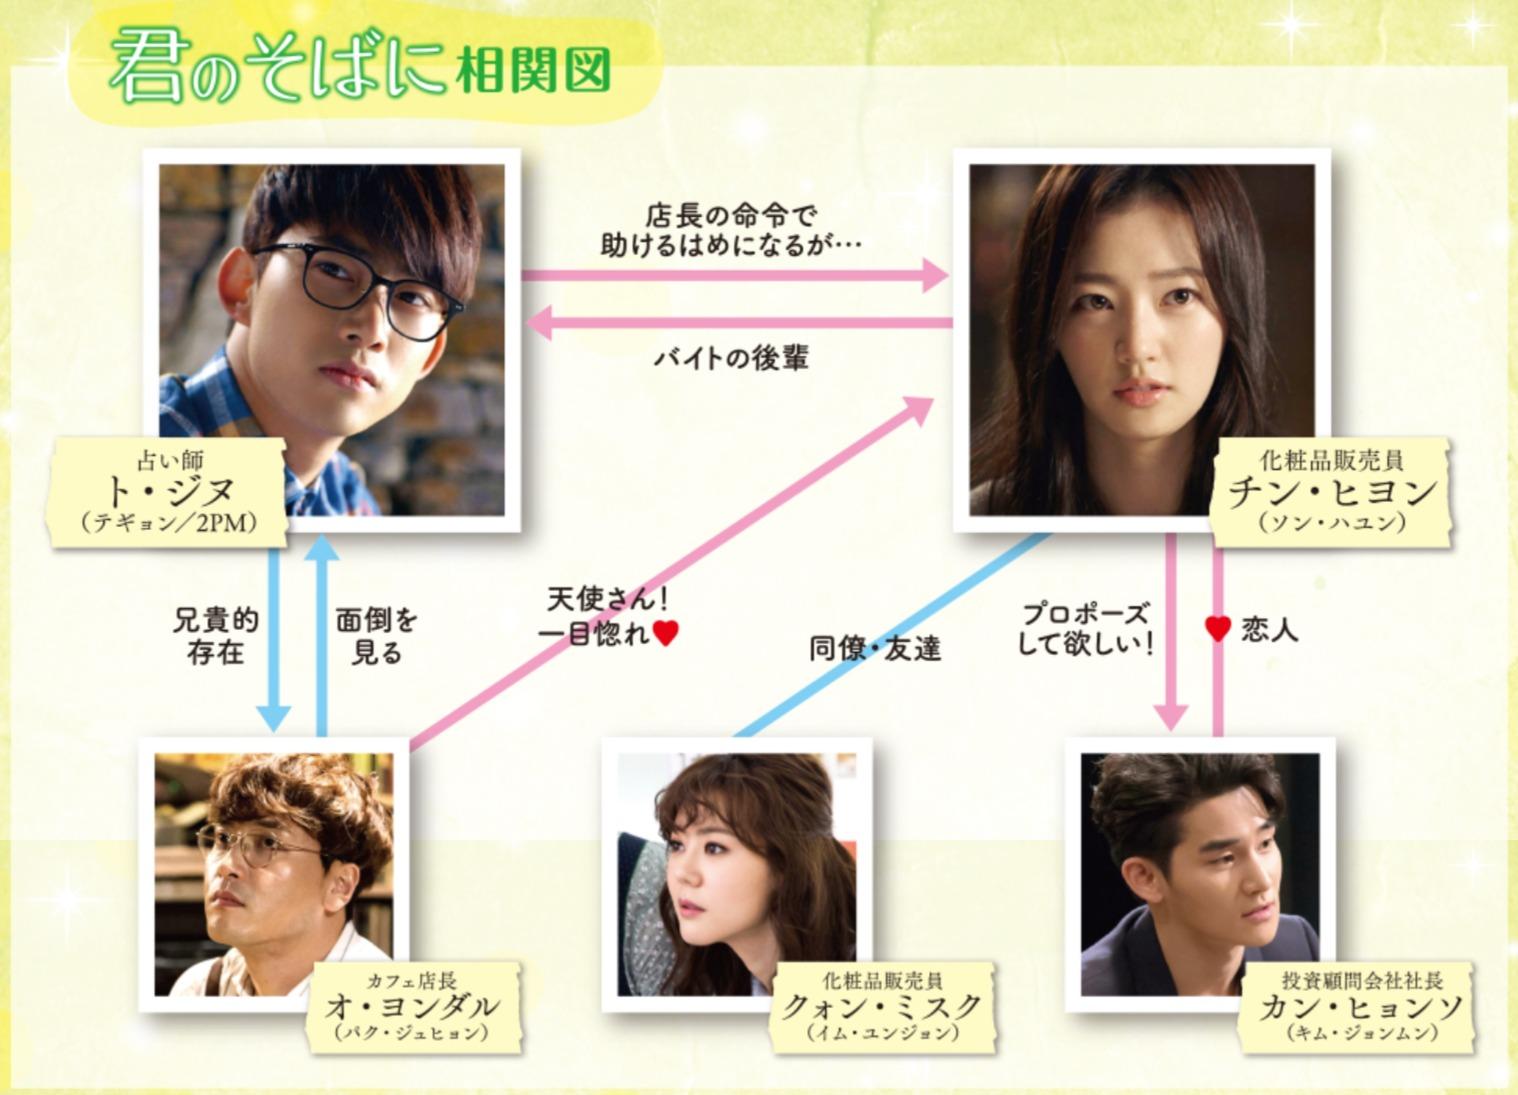 韓国ドラマ『君のそばに~Touching You~』登場人物相関図(関係図)